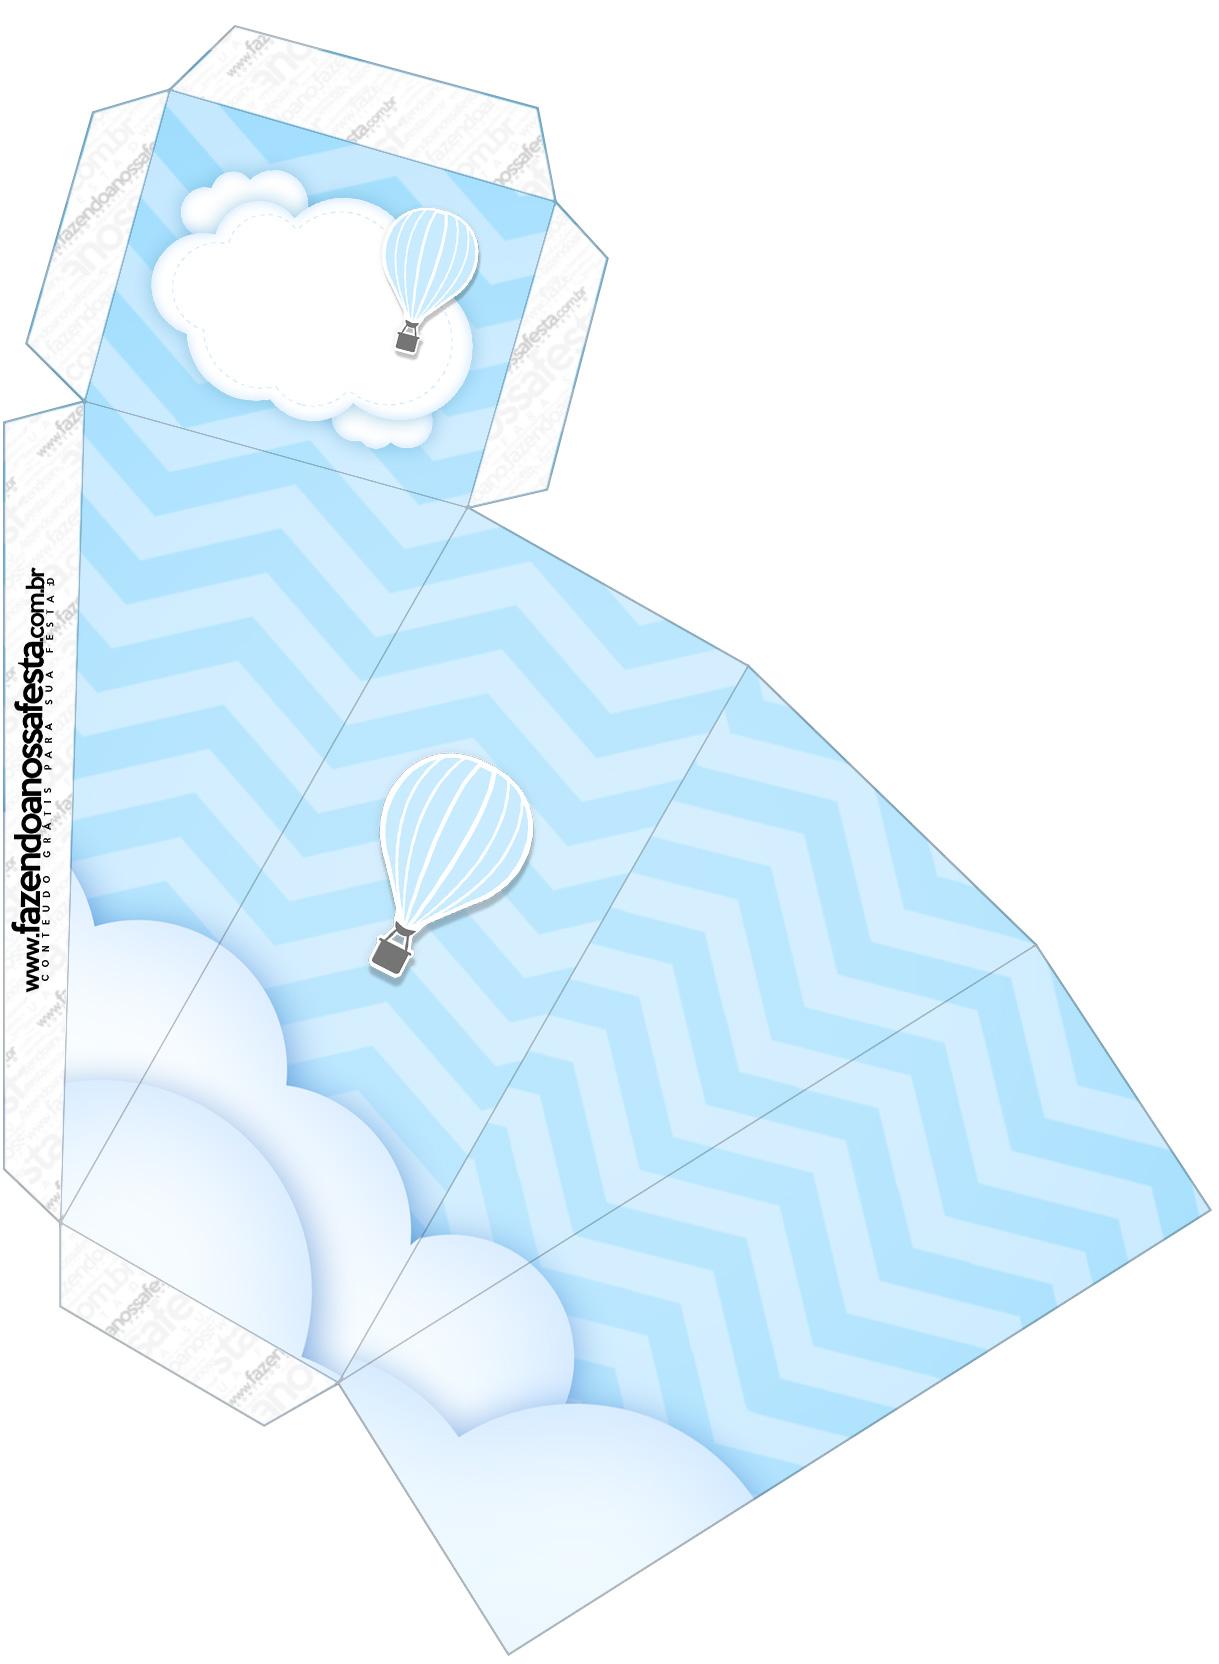 Caixa Fatia Balão de Ar Quente Azul